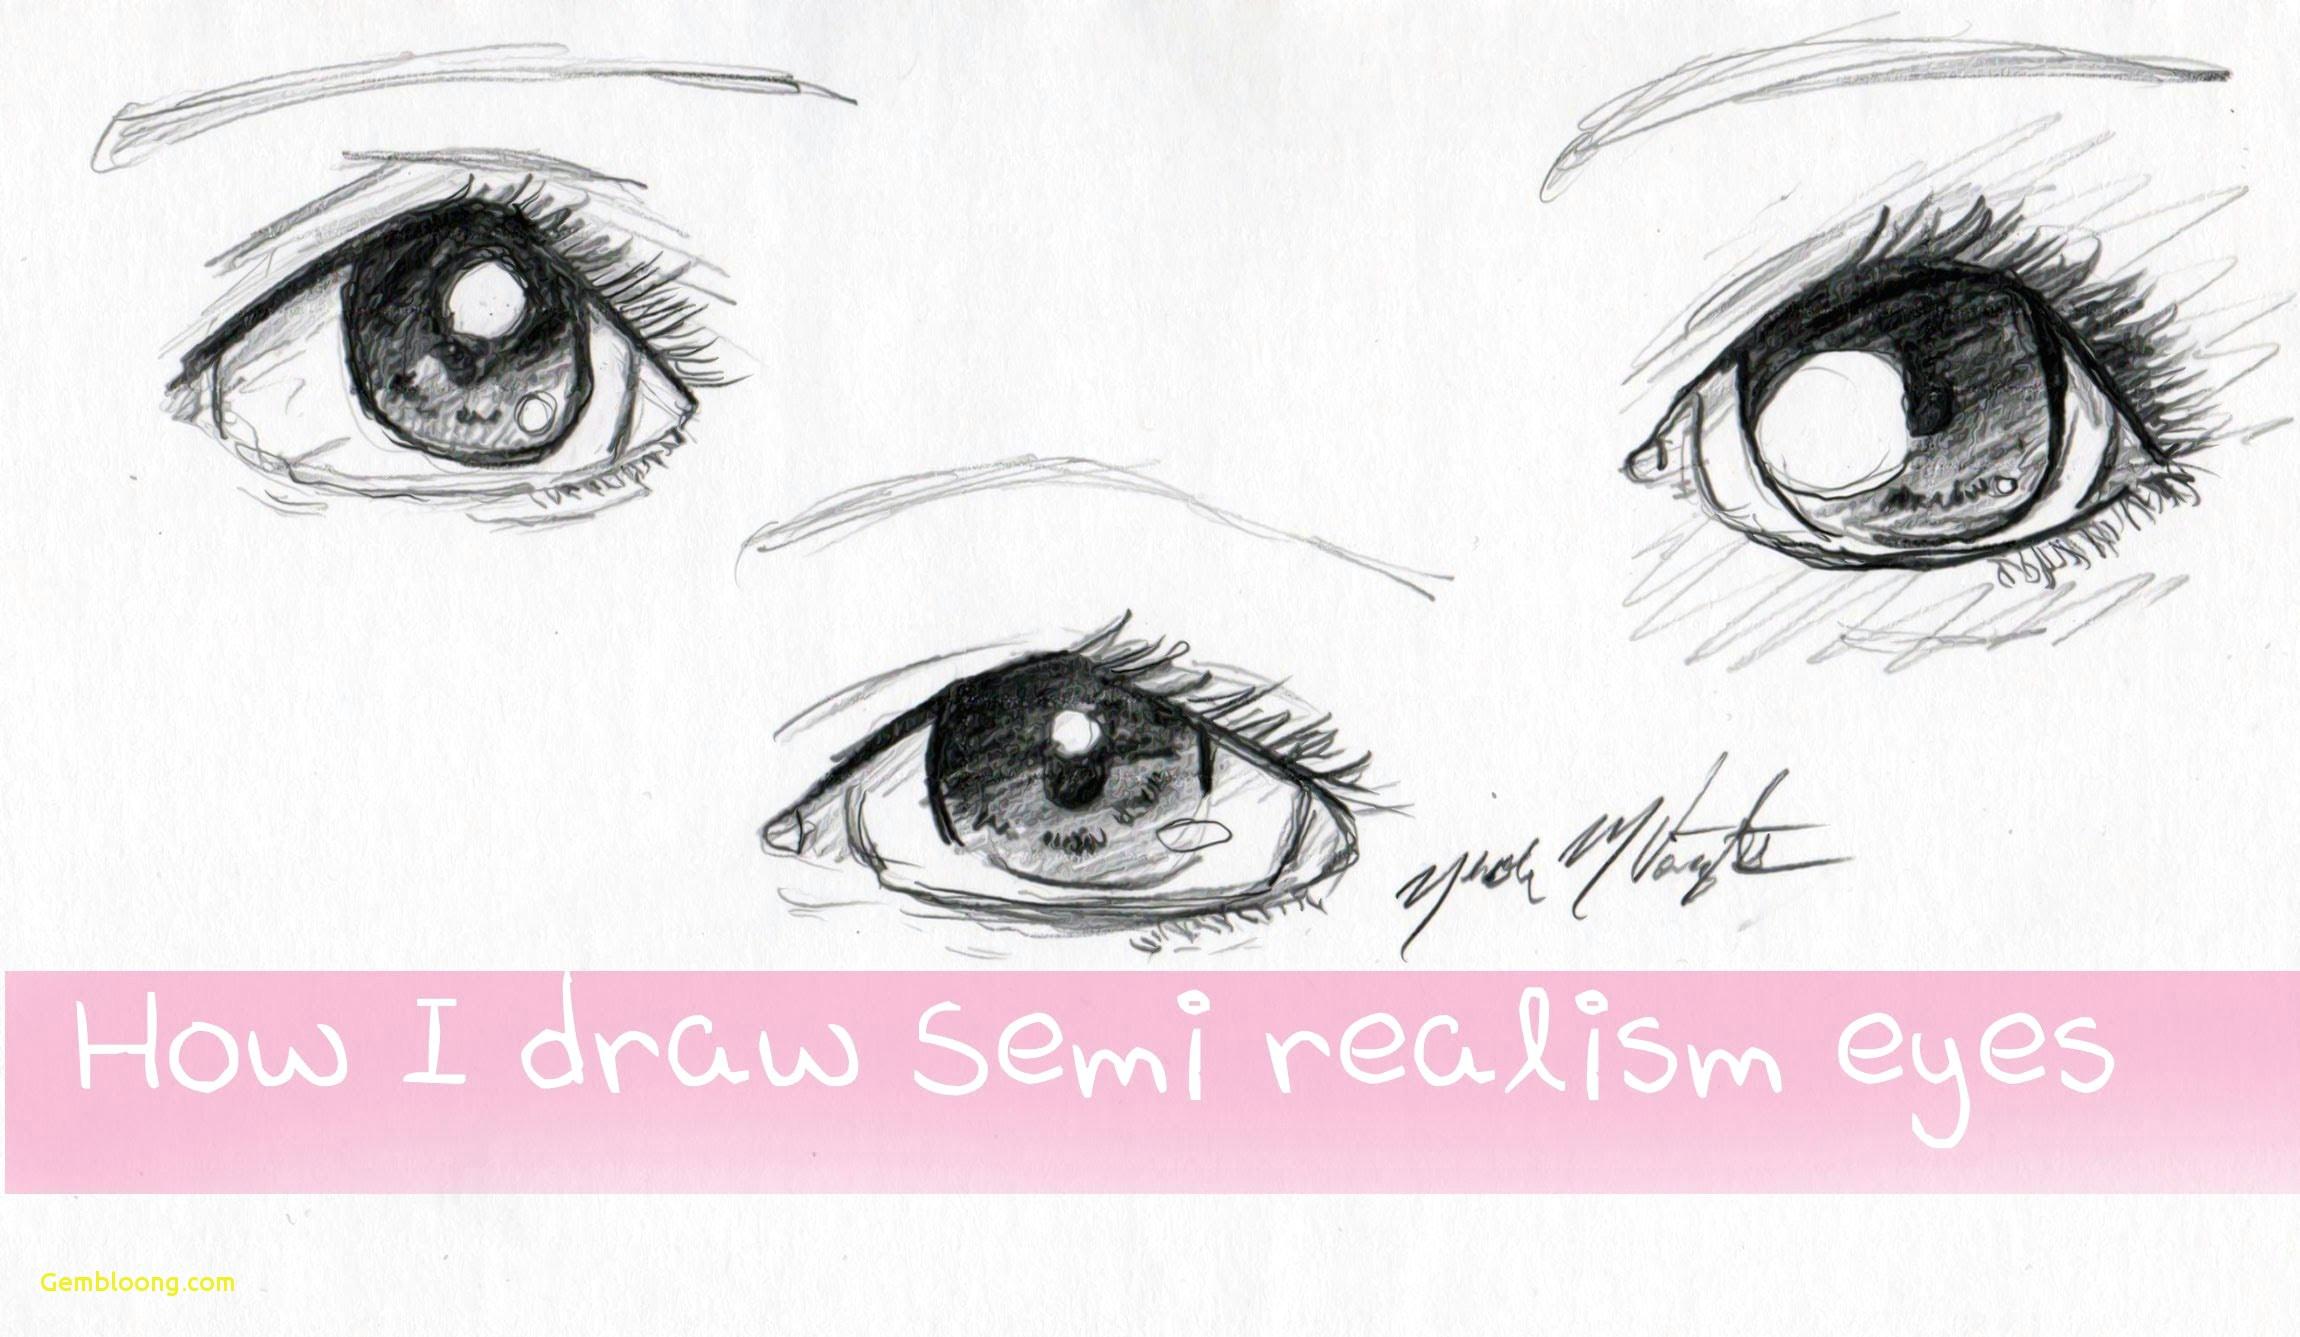 2300x1337 how i draw semi realism eyes